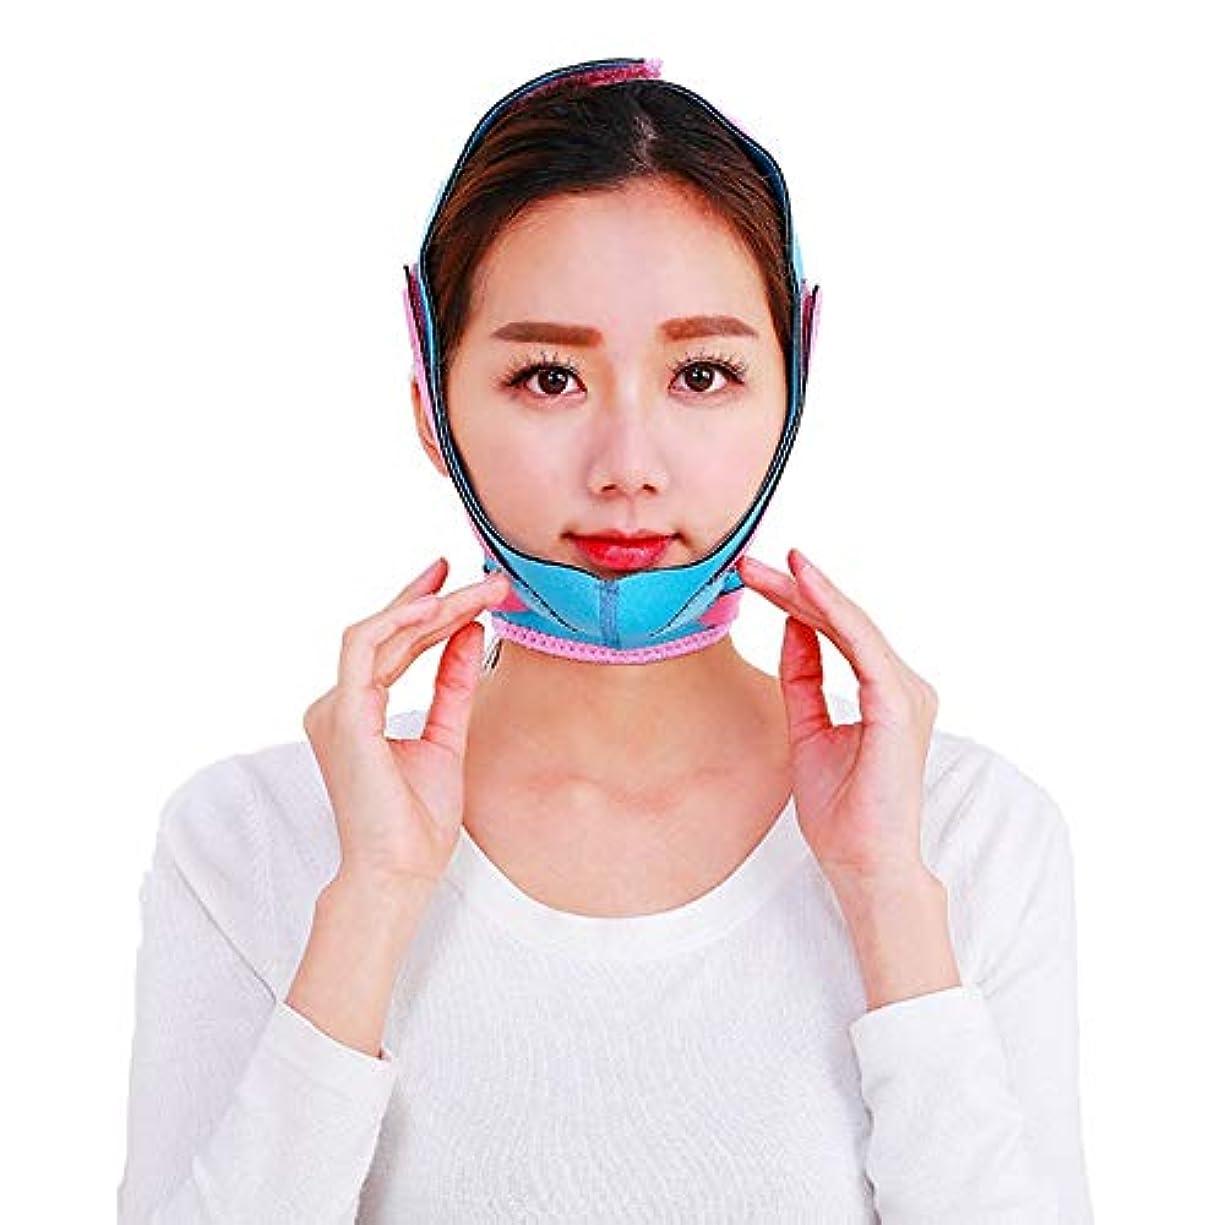 急襲幹暴露するフェイスリフトベルト 薄い顔のベルト - 薄い顔のベルト通気性のある顔の包帯前面のリフティングマスクVの顔薄い面の小さな持ち上げツール